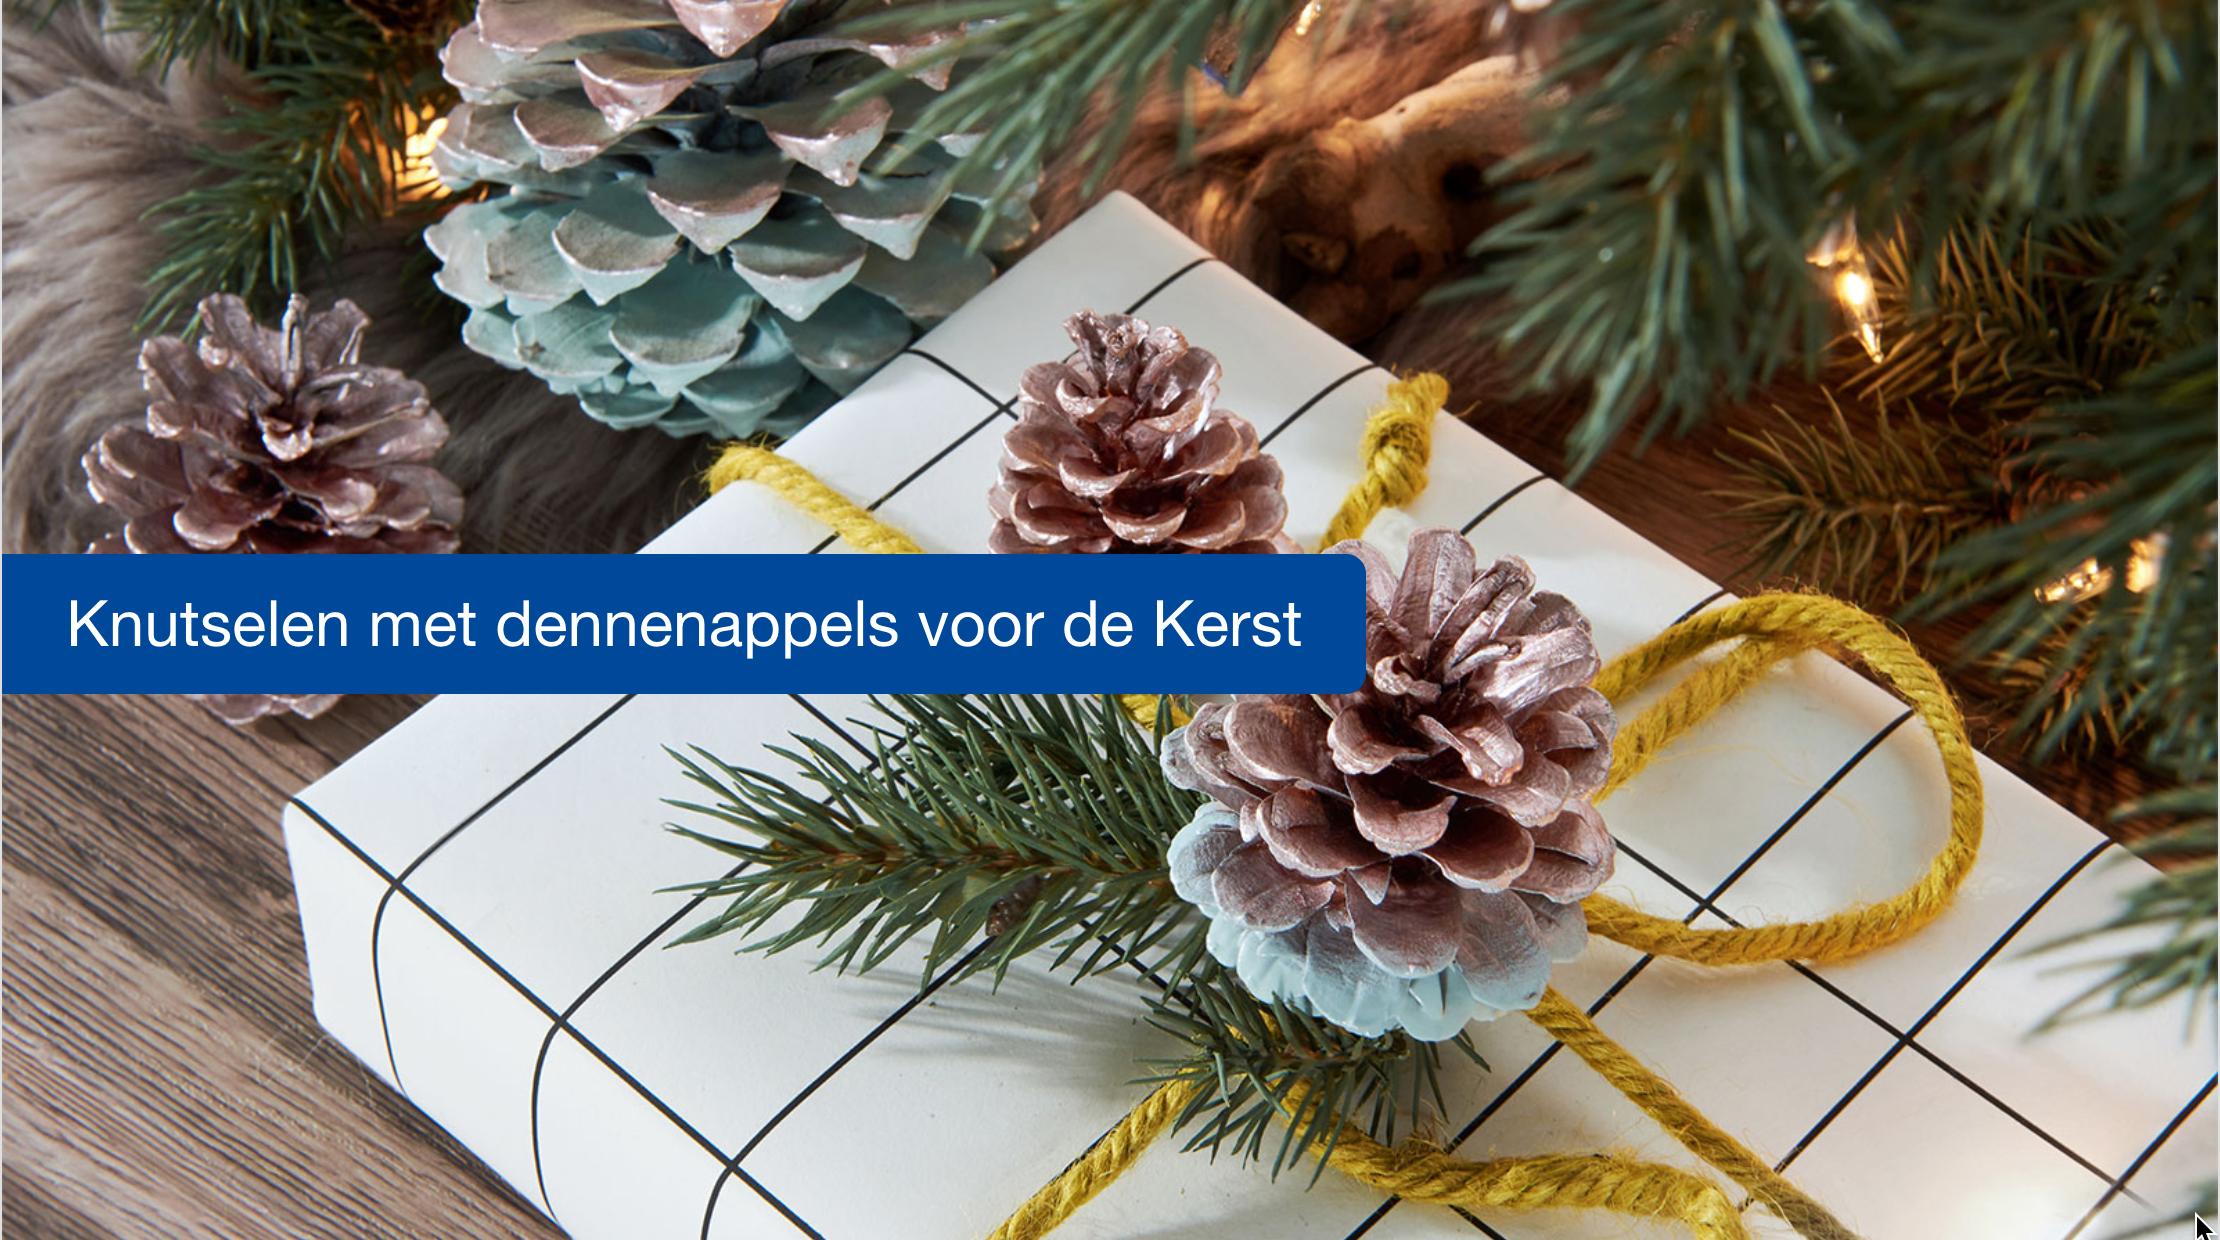 Genoeg Versier dennenappels als kerst decoratie #EP55